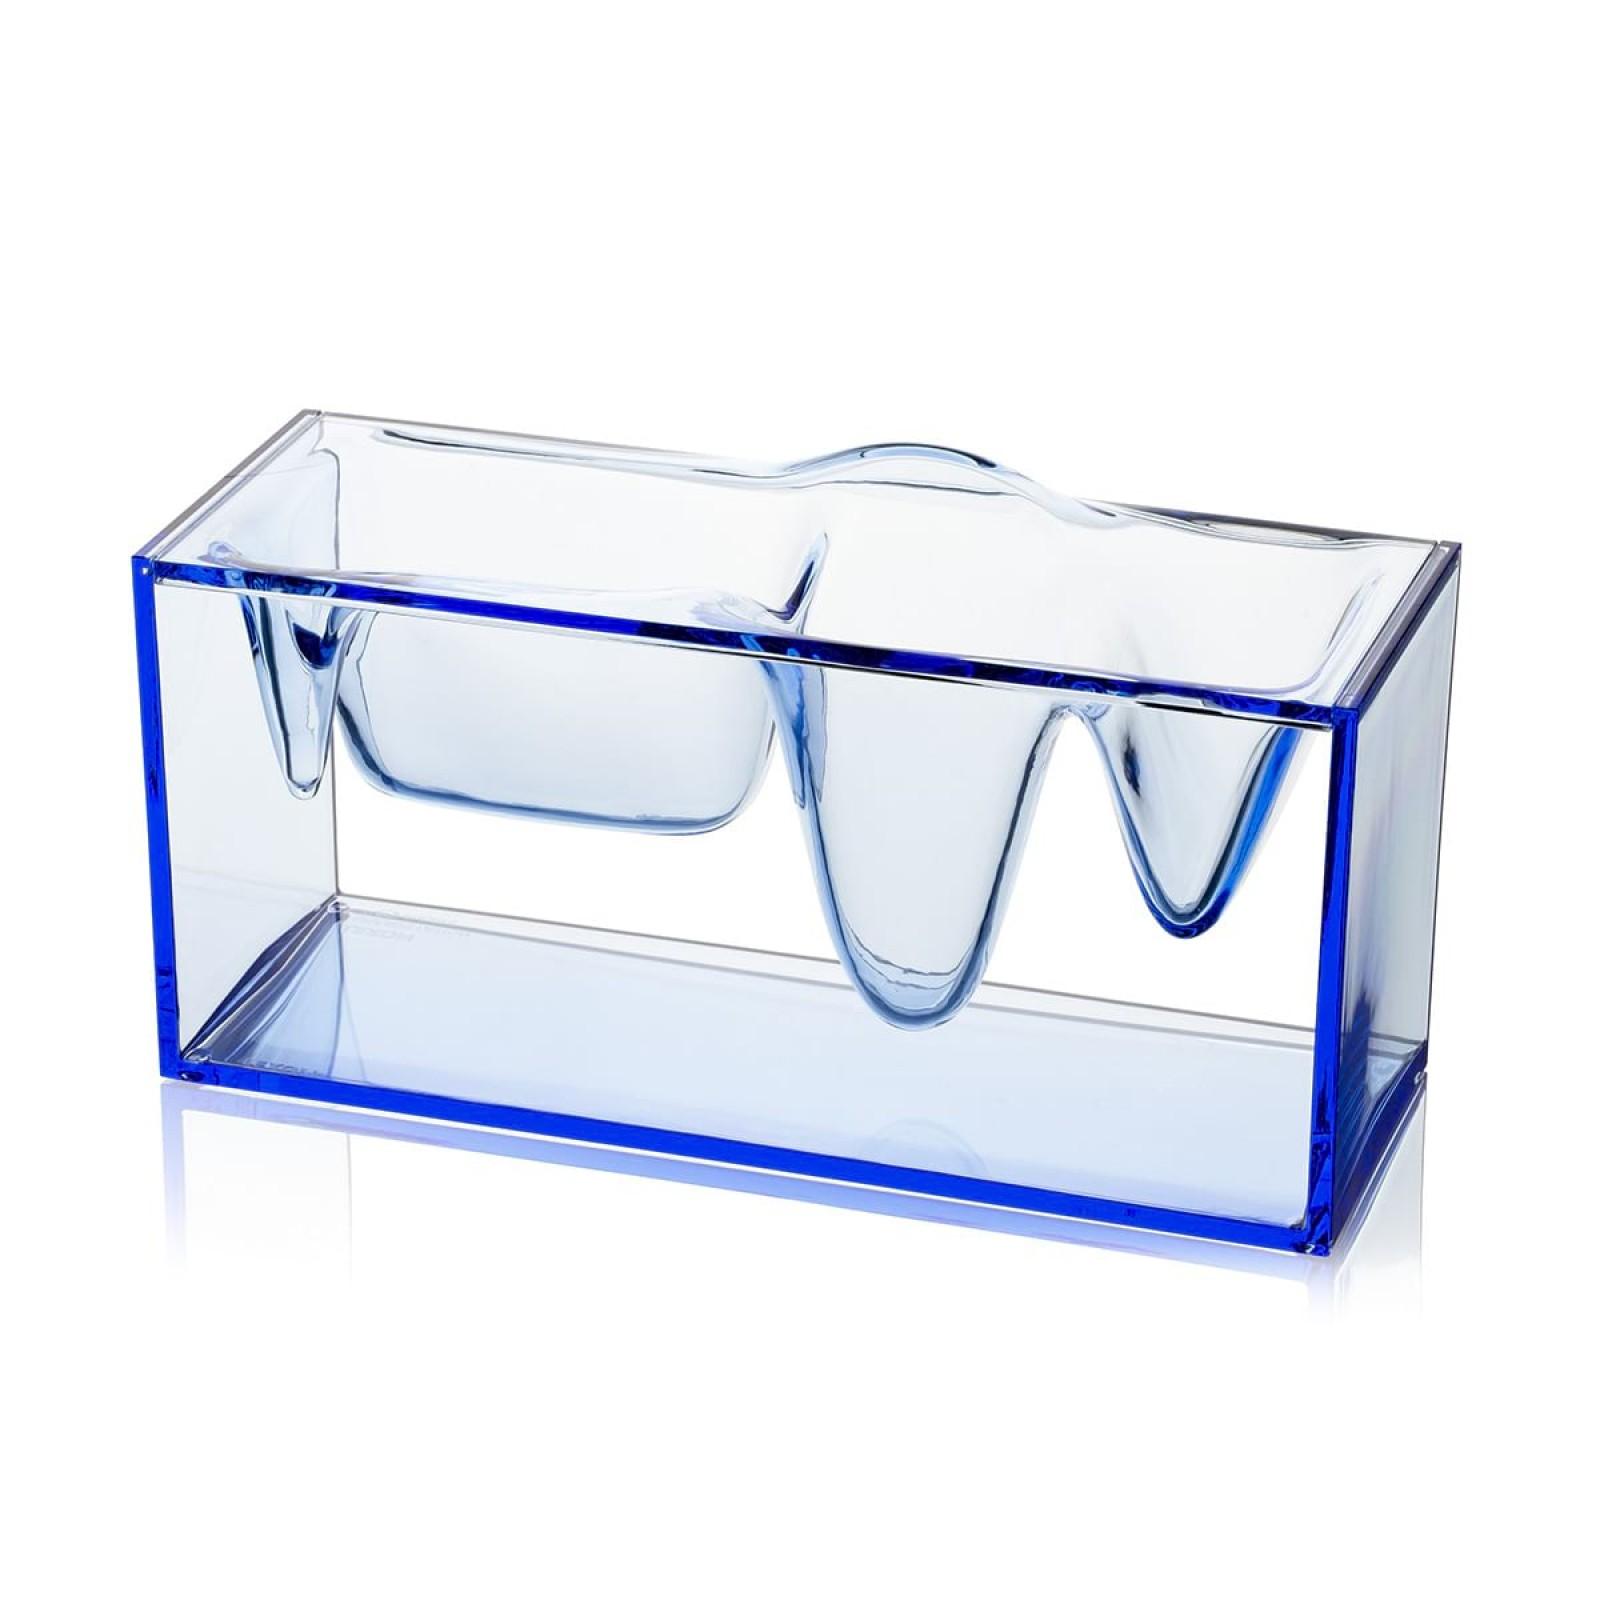 Βάση Οργάνωσης Γραφείου Liquid (Μπλε) – LEXON